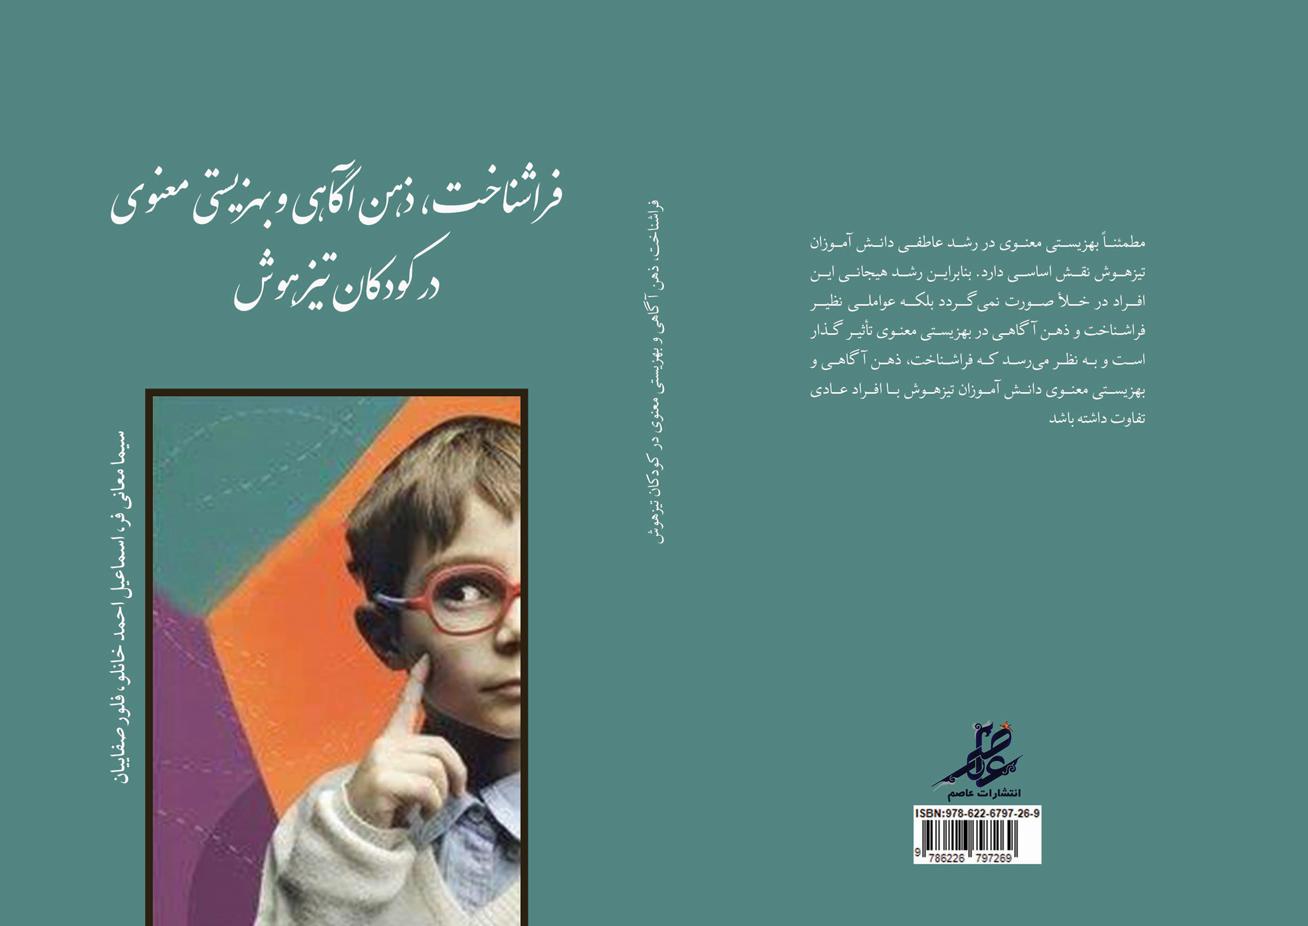 کتاب فراشناخت، ذهن آگاهی و بهزیستی معنوی در کودکان تیزهوش